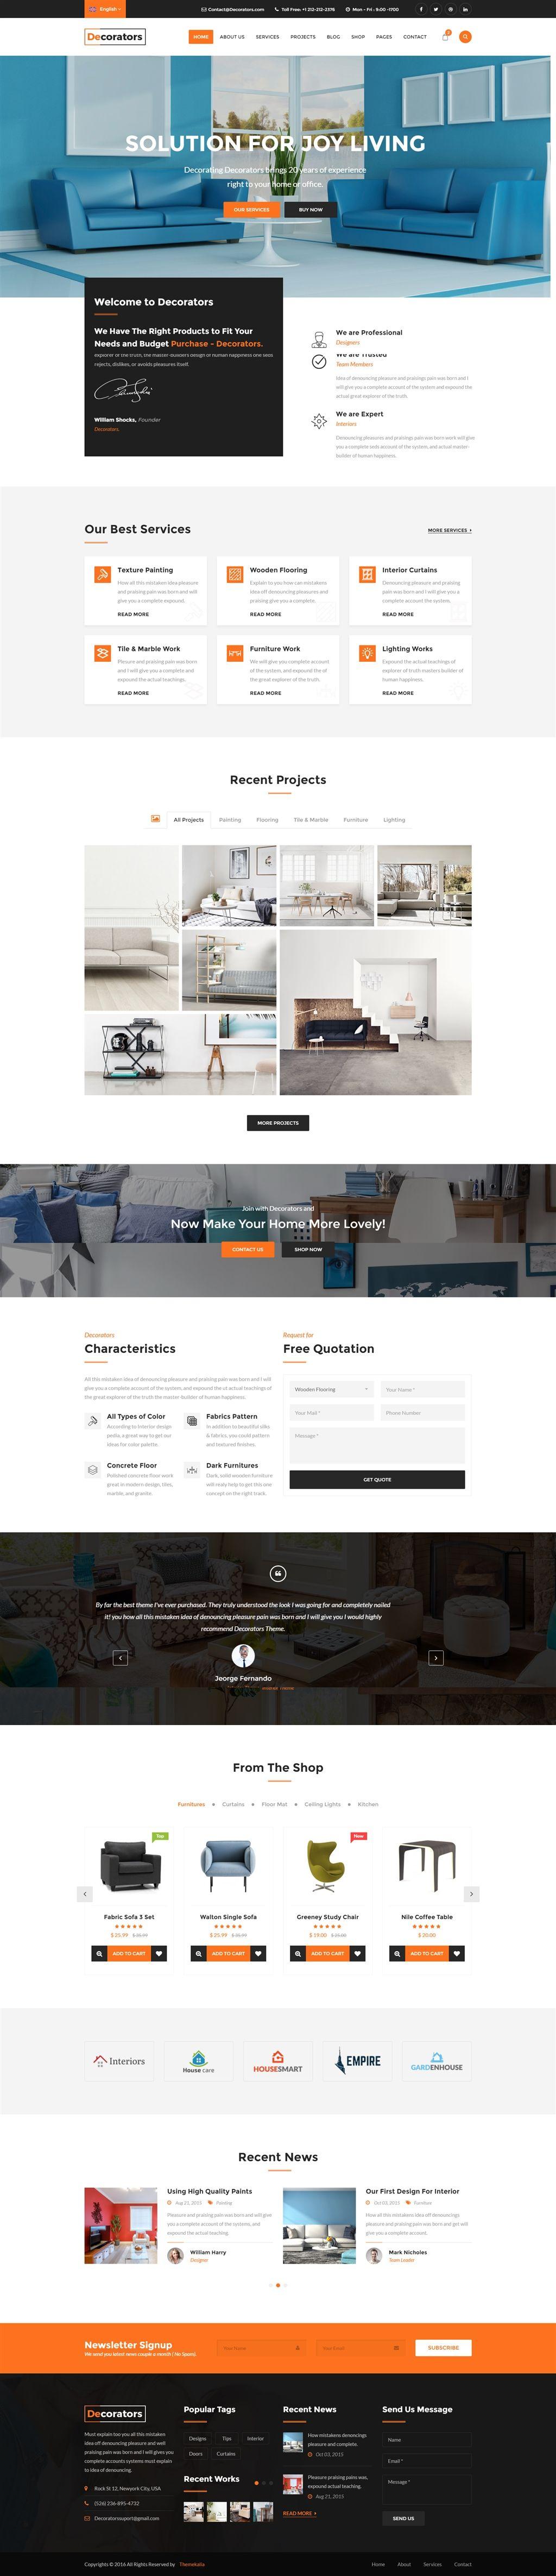 Decorators - HTML Template for Architecture & Modern Interior Design ...